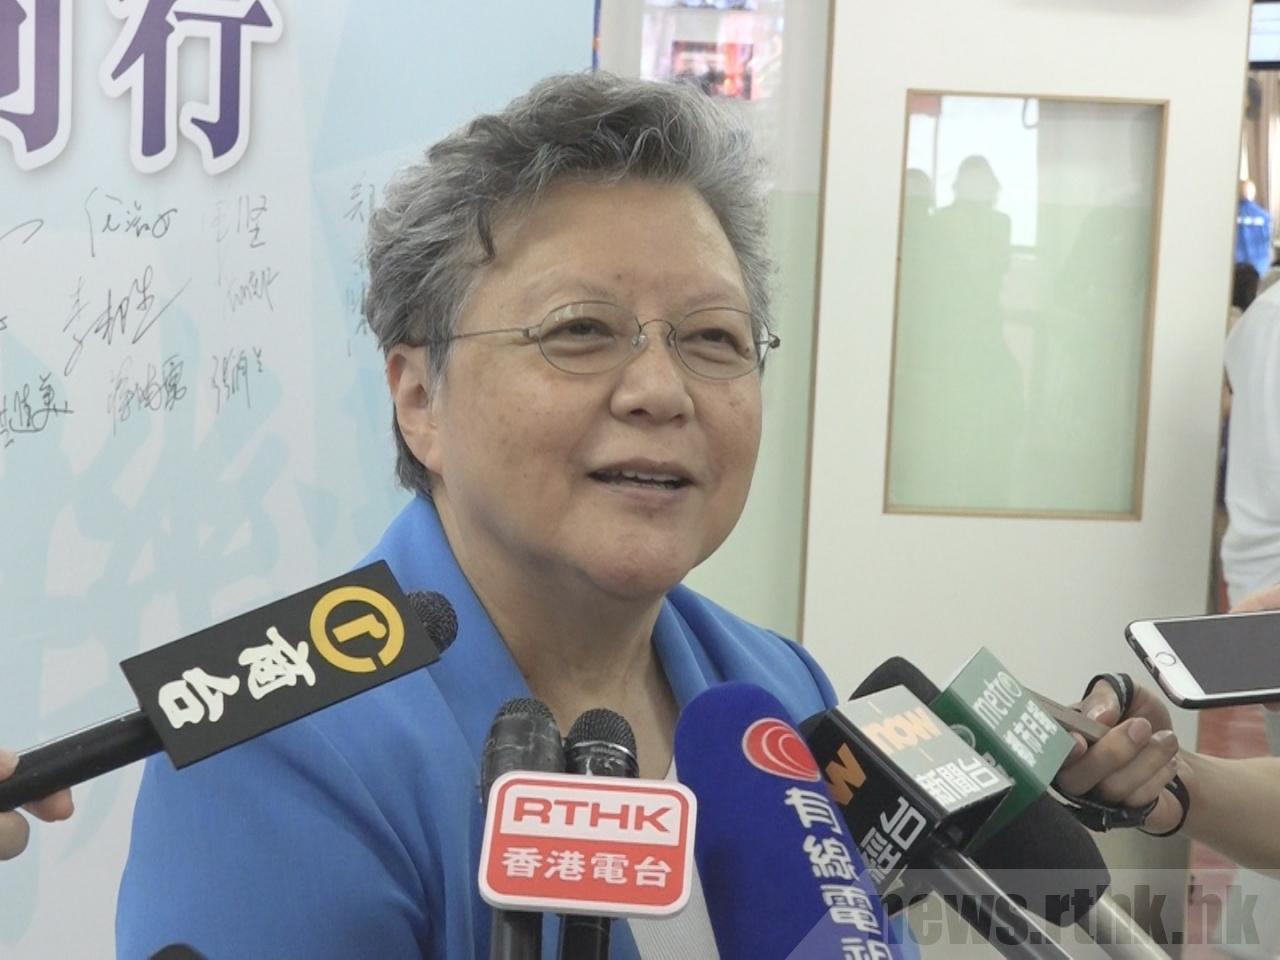 范徐麗泰相信政府會公布佈讓社會接受的「一地兩檢」方案。(港台圖片)